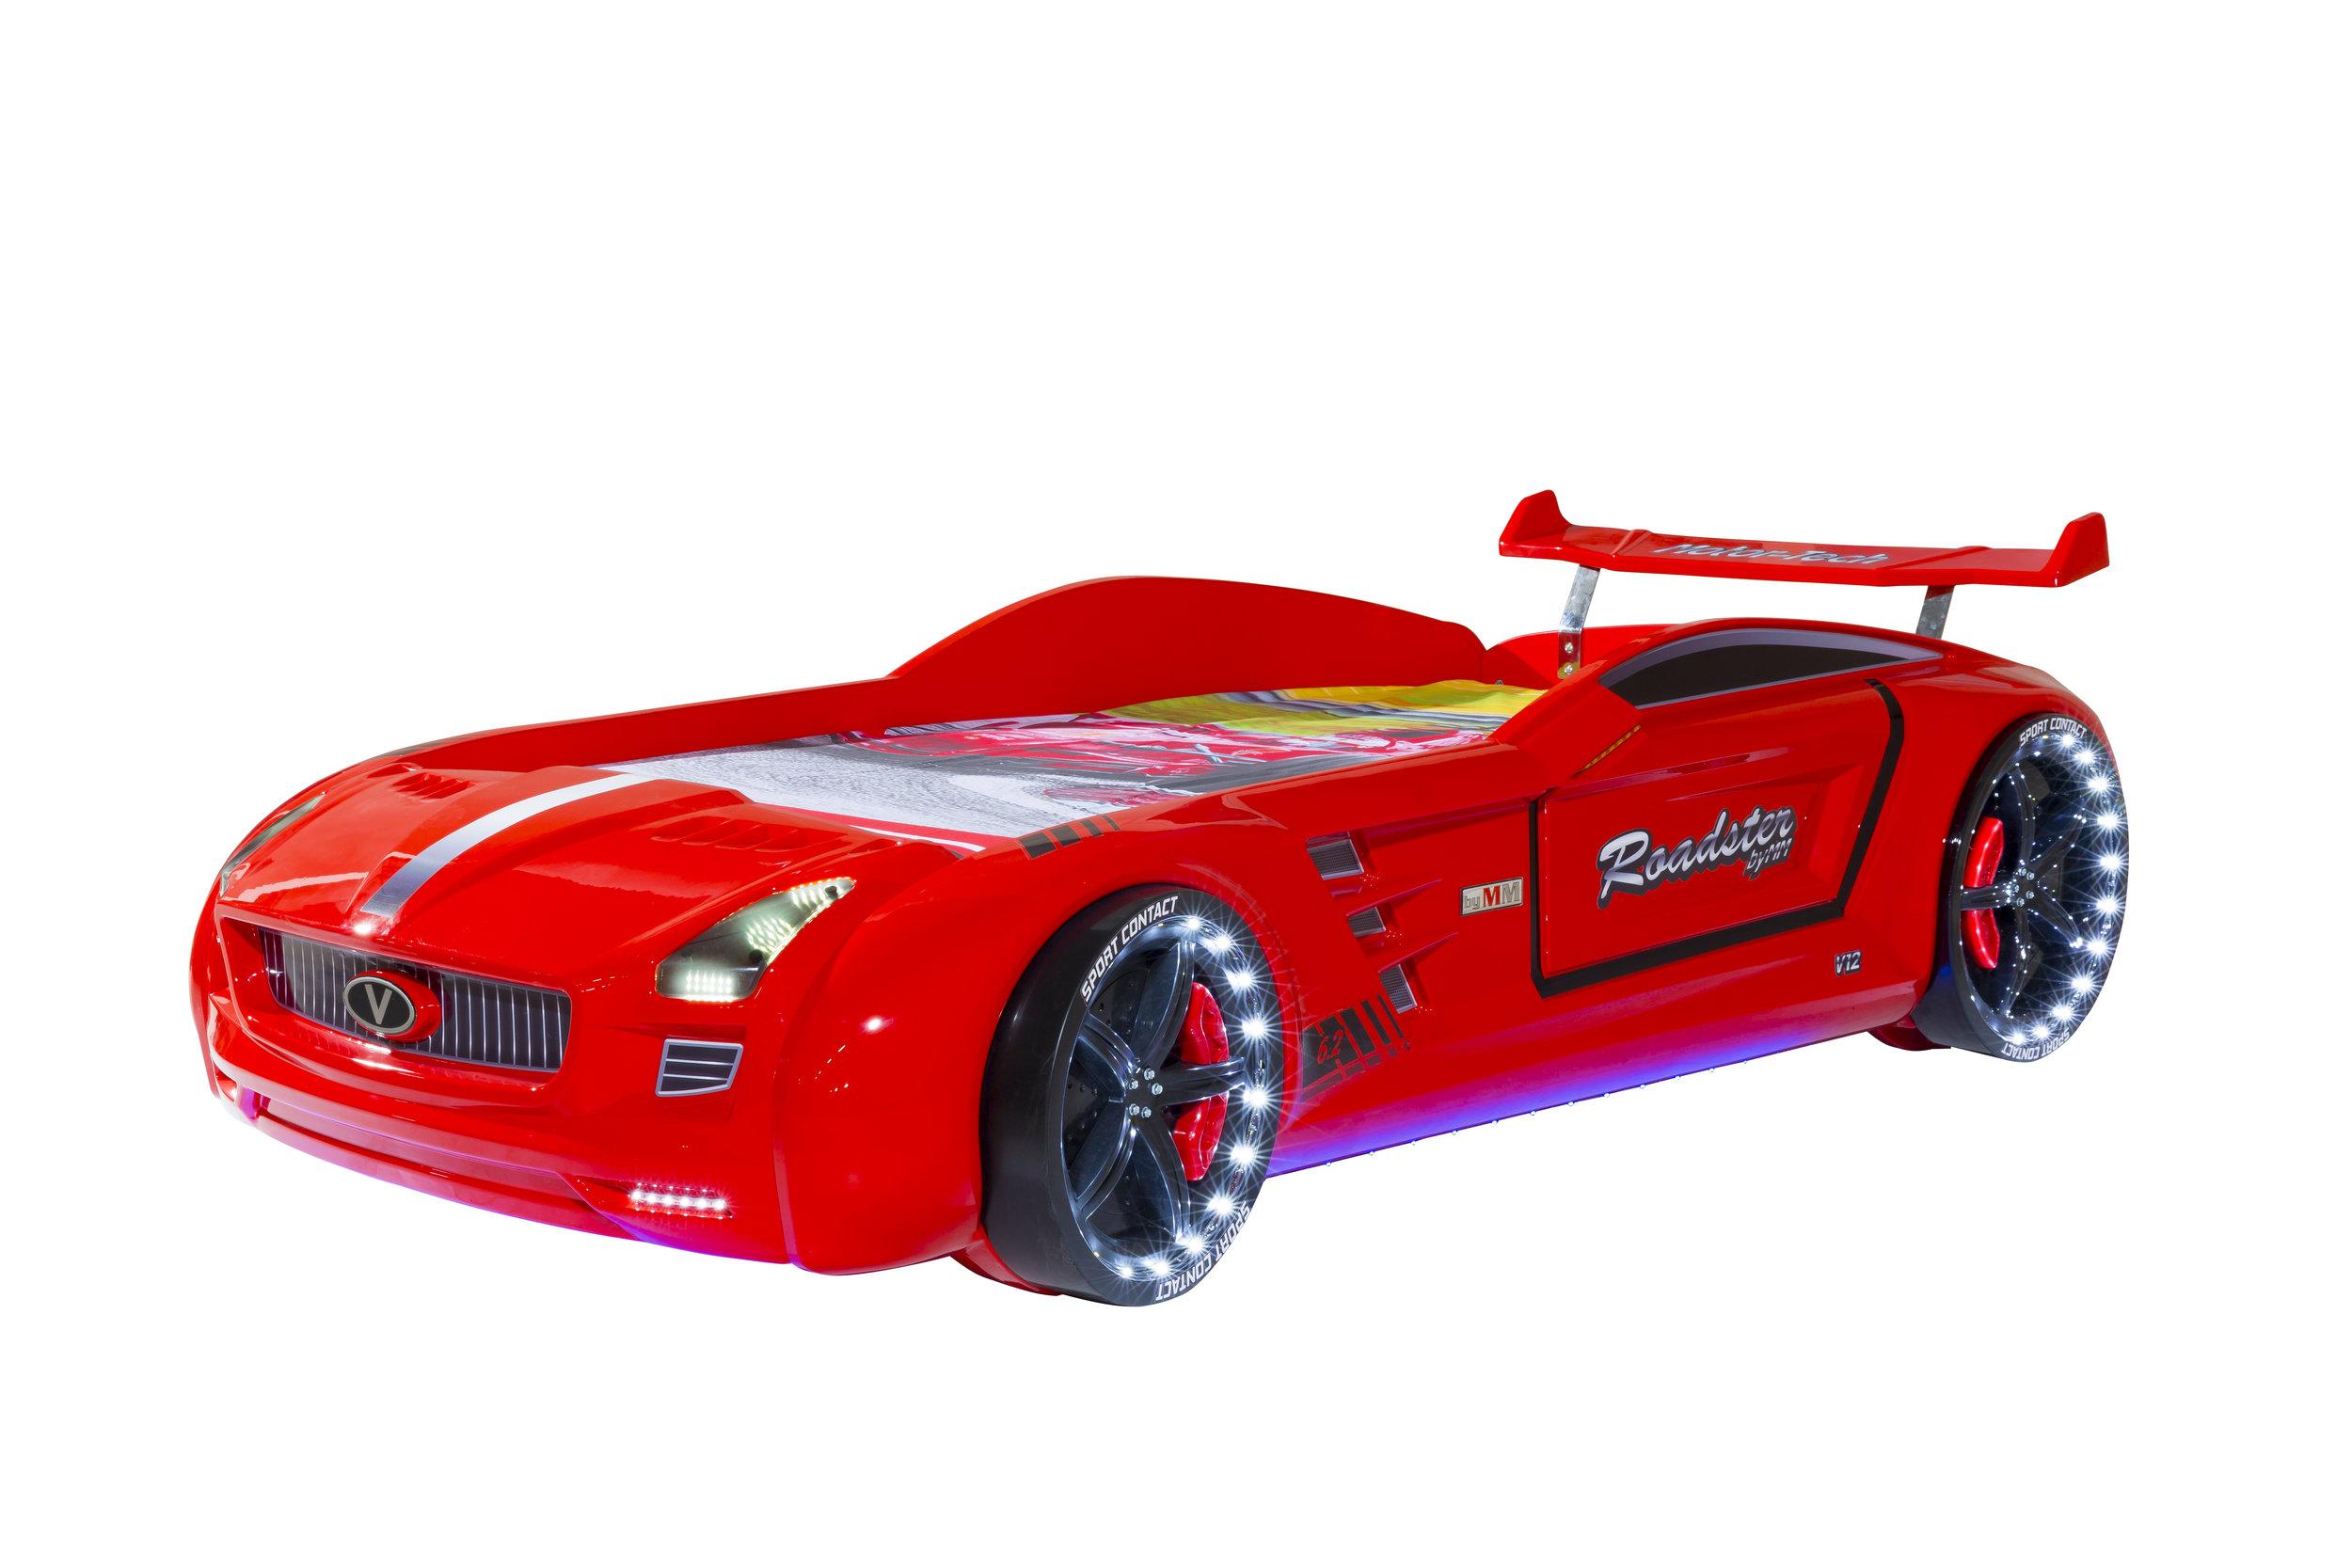 Roadstar Kırmızı Lüks Versiyon (2).jpg